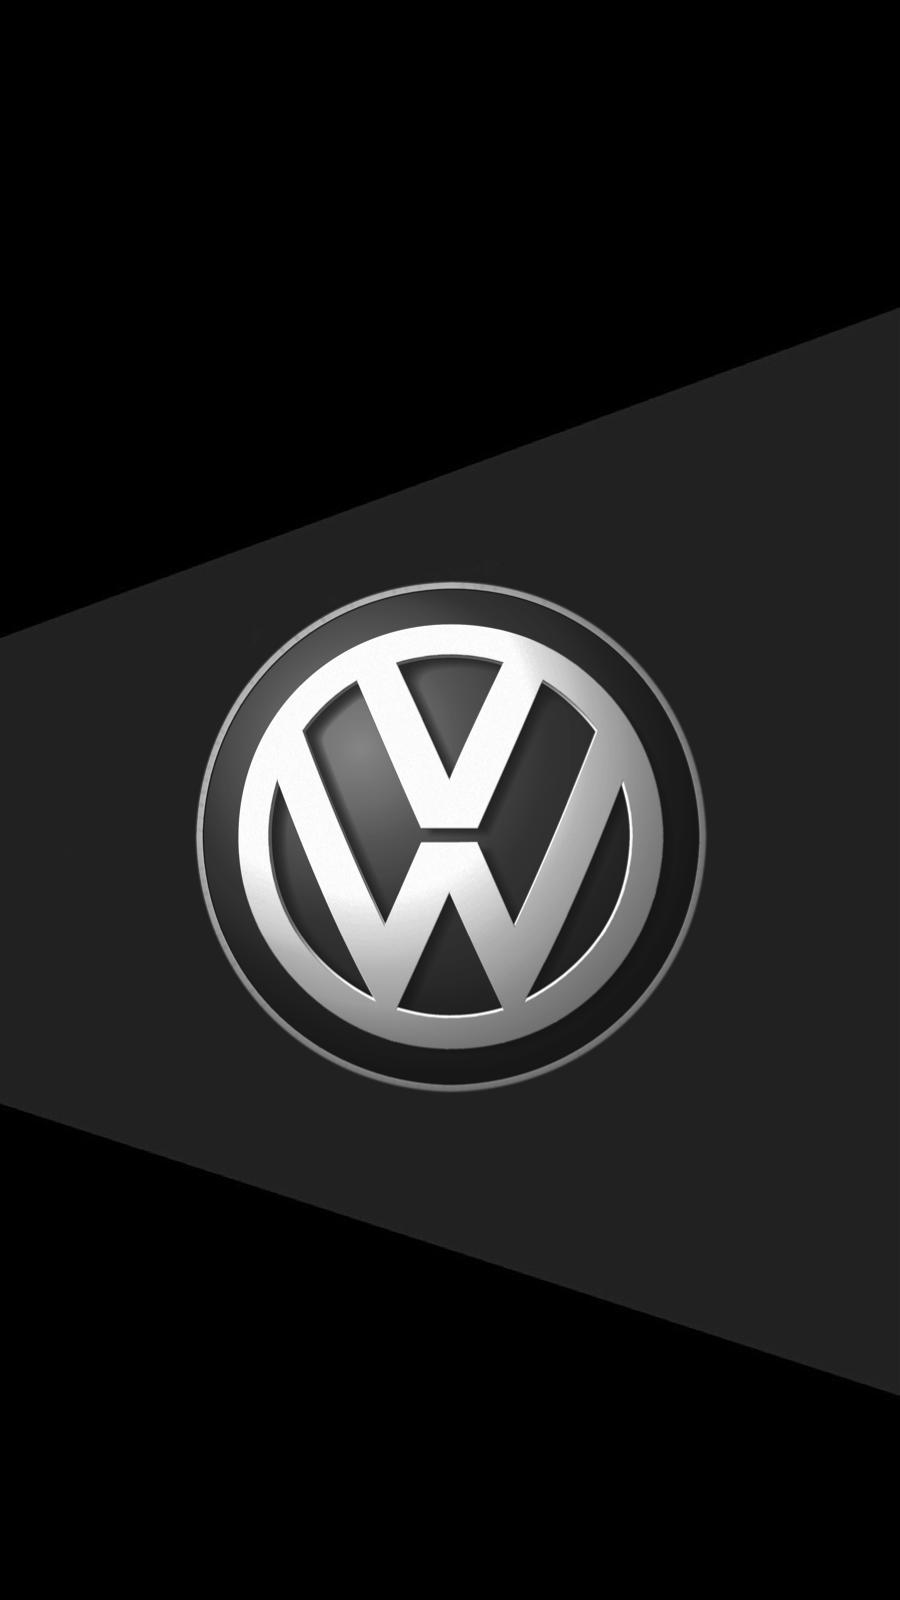 Pin De Zulkefli Em Volkswagen Iphone Wallpapers Imagem De Fundo Para Iphone Logotipo